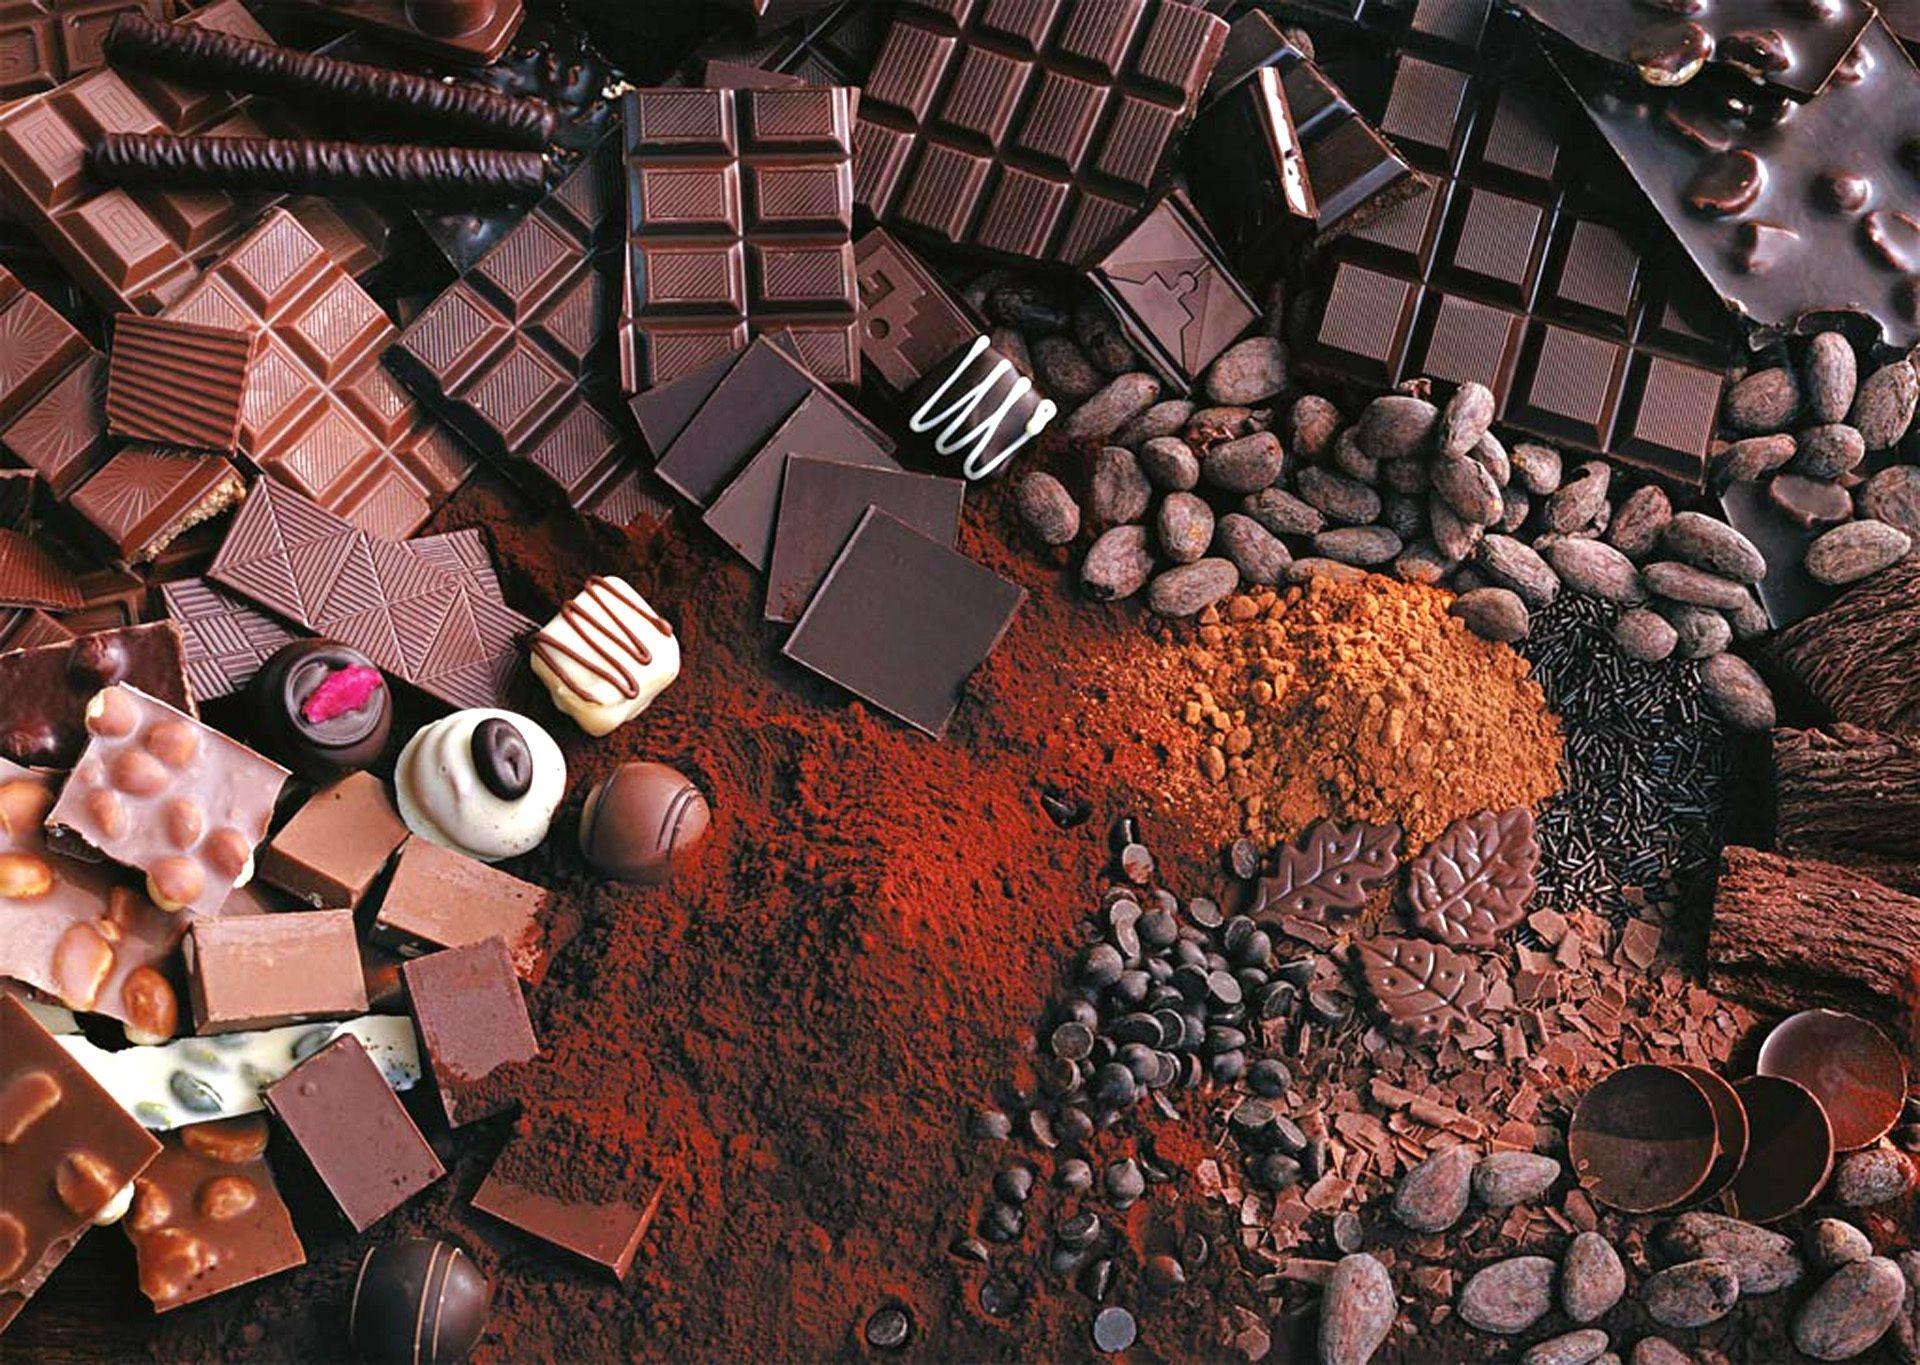 121722 скачать обои Еда, Шоколад, Ассорти, Сладкое, Орехи, Какао - заставки и картинки бесплатно